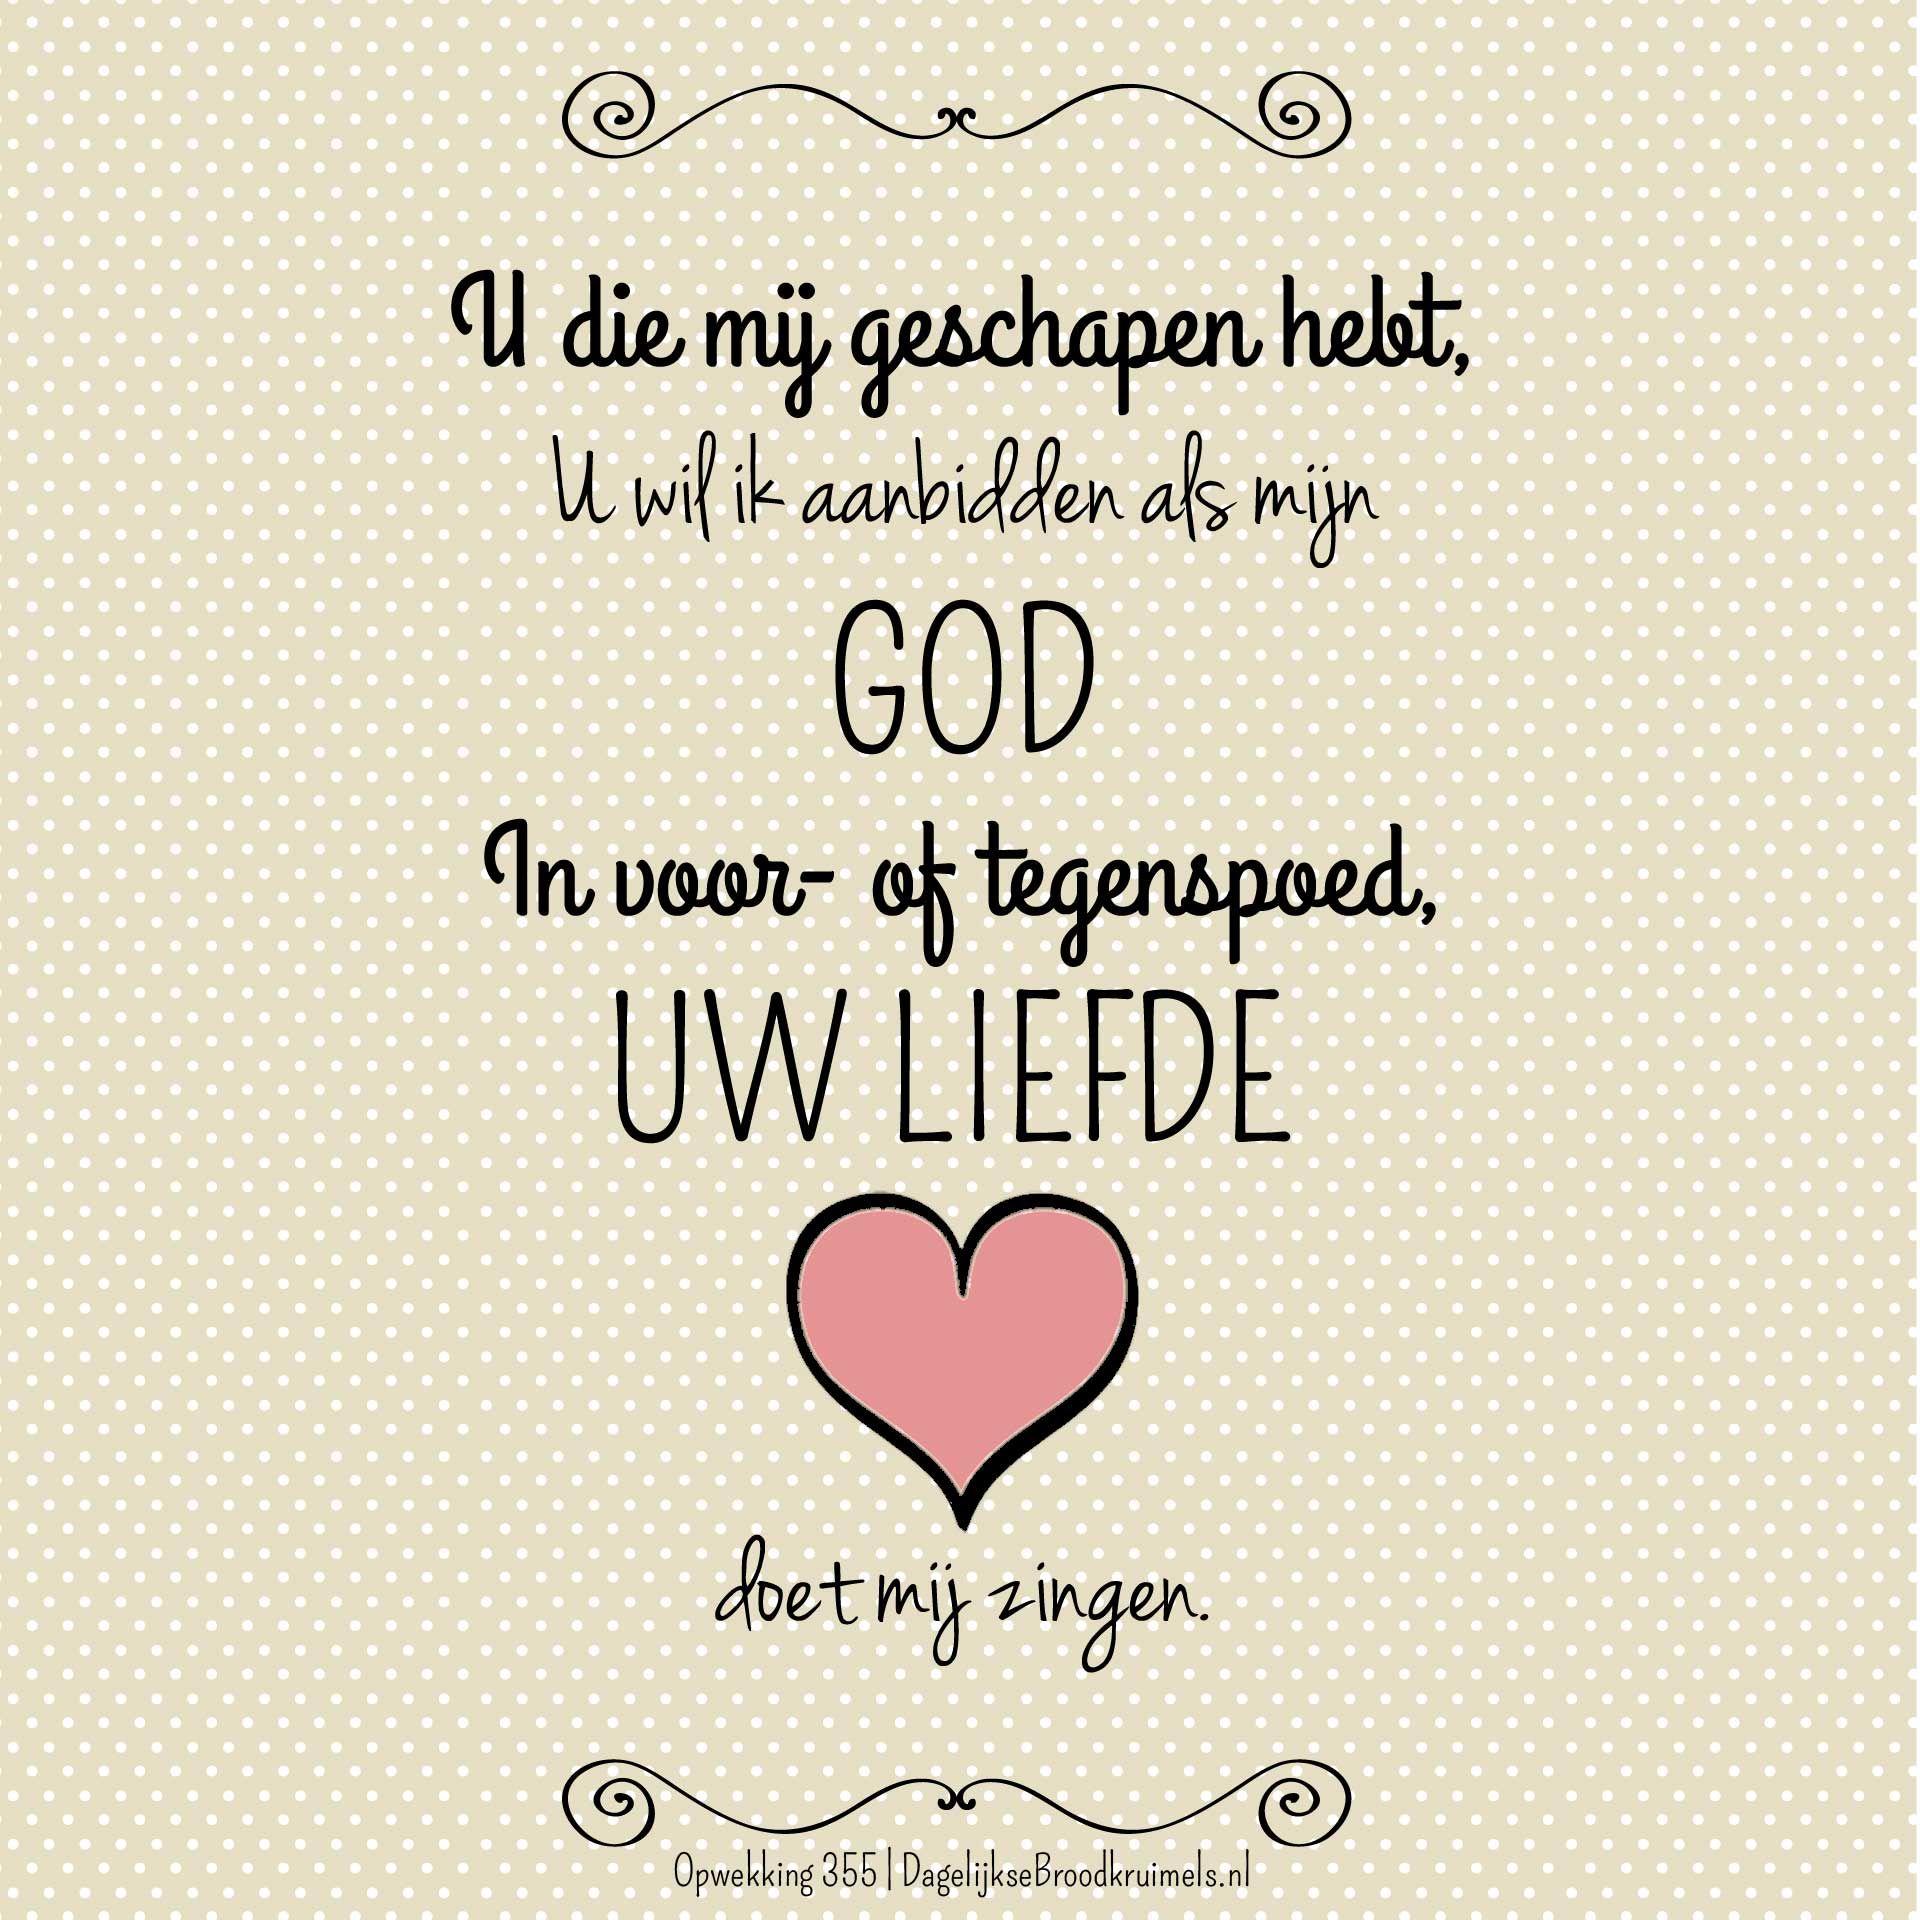 Citaten Over God : Opwekking u die mij geschapen hebt